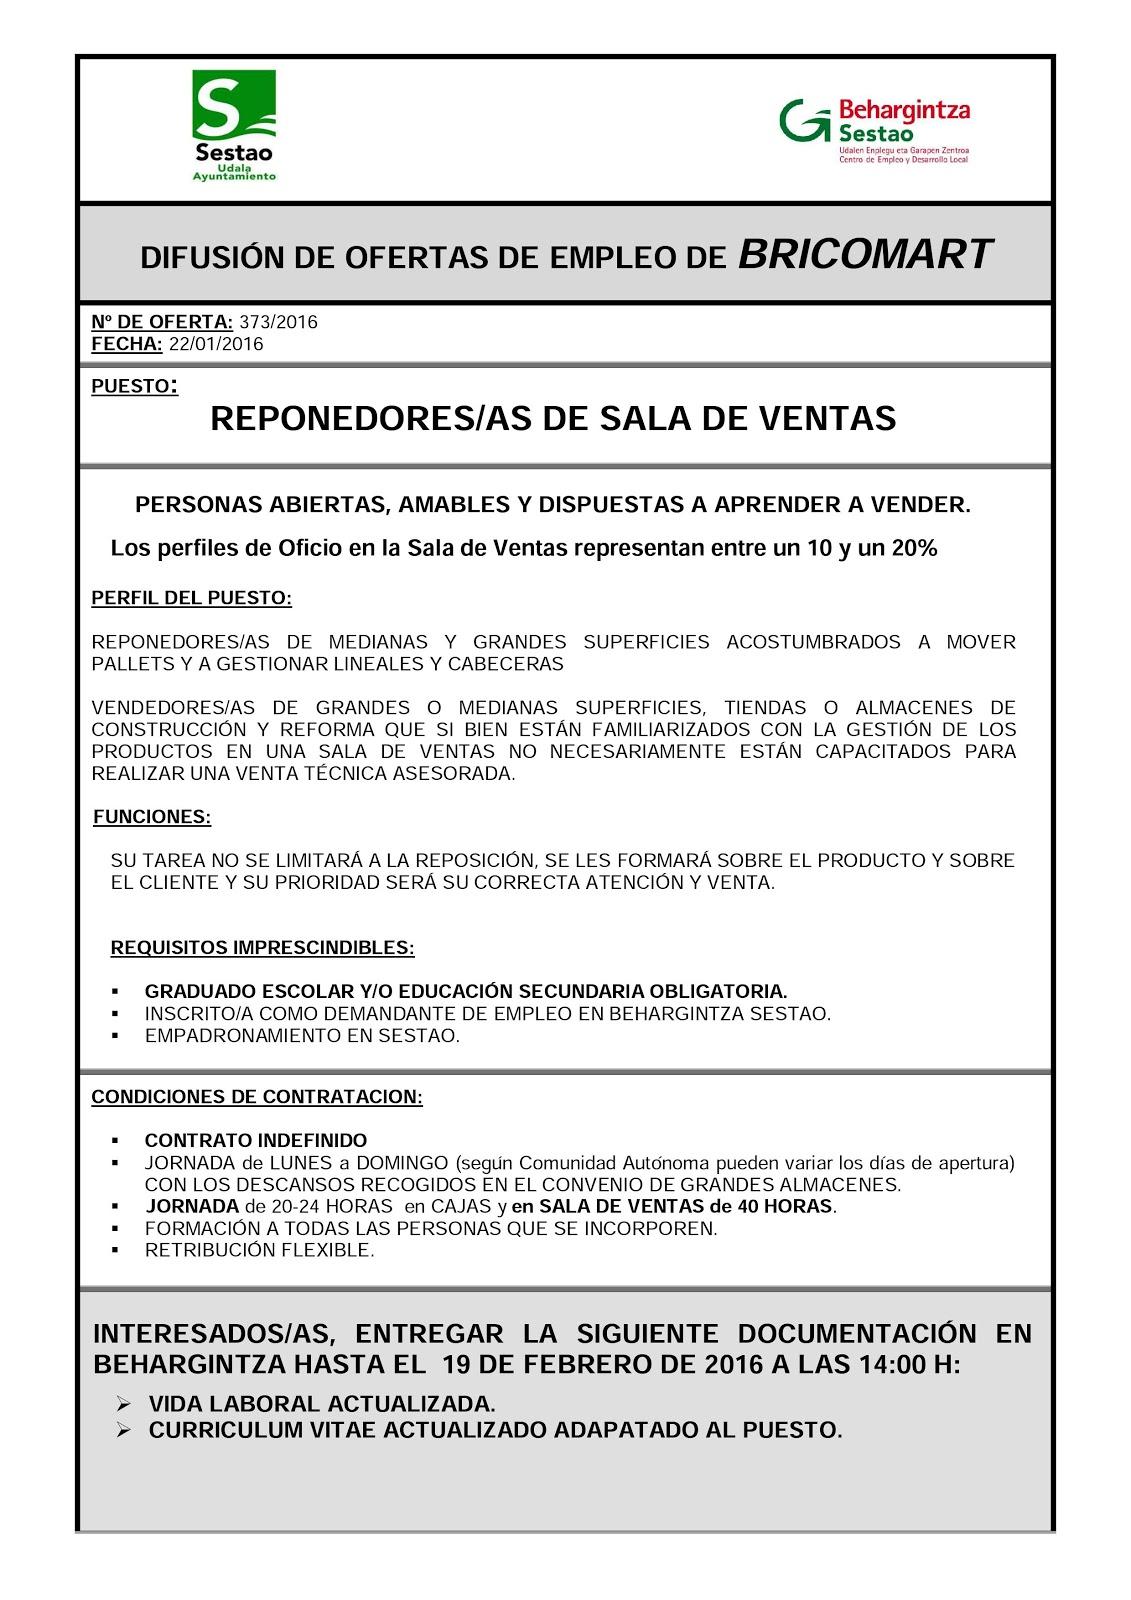 behargintza sestao ofertas de empleo en bricomart sestao